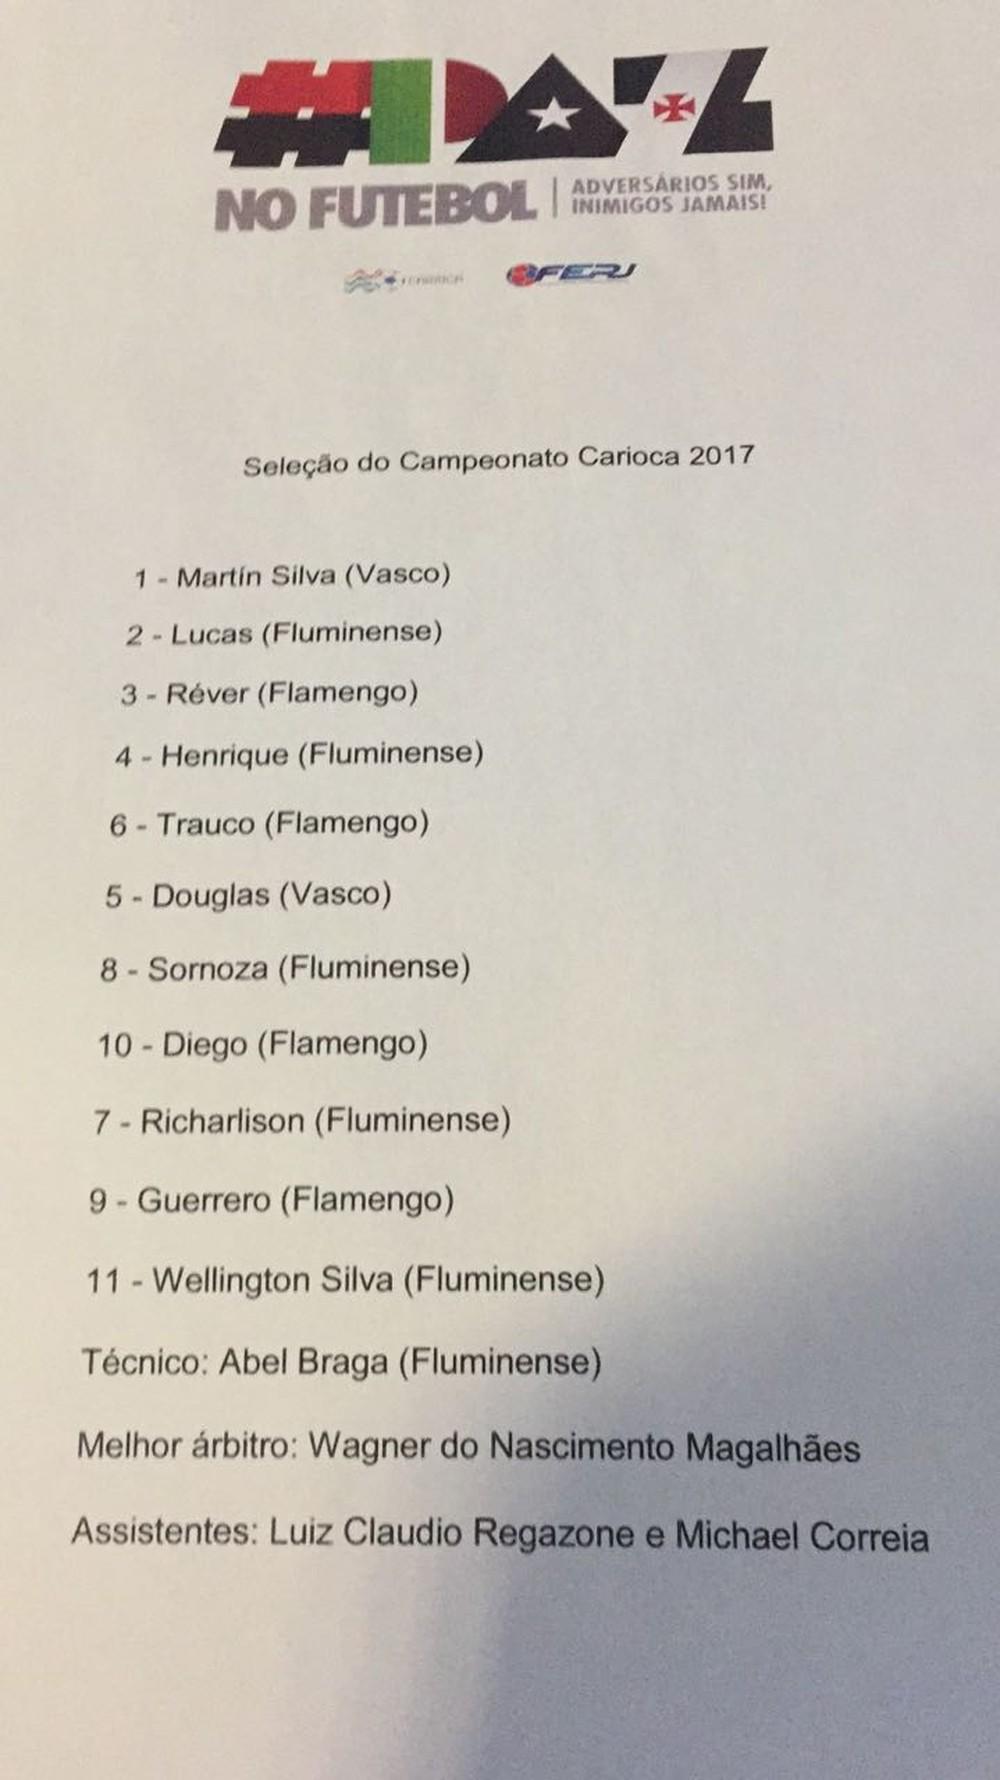 Com nove jogadores de Fla e Flu, Ferj divulga seleção do Campeonato Carioca